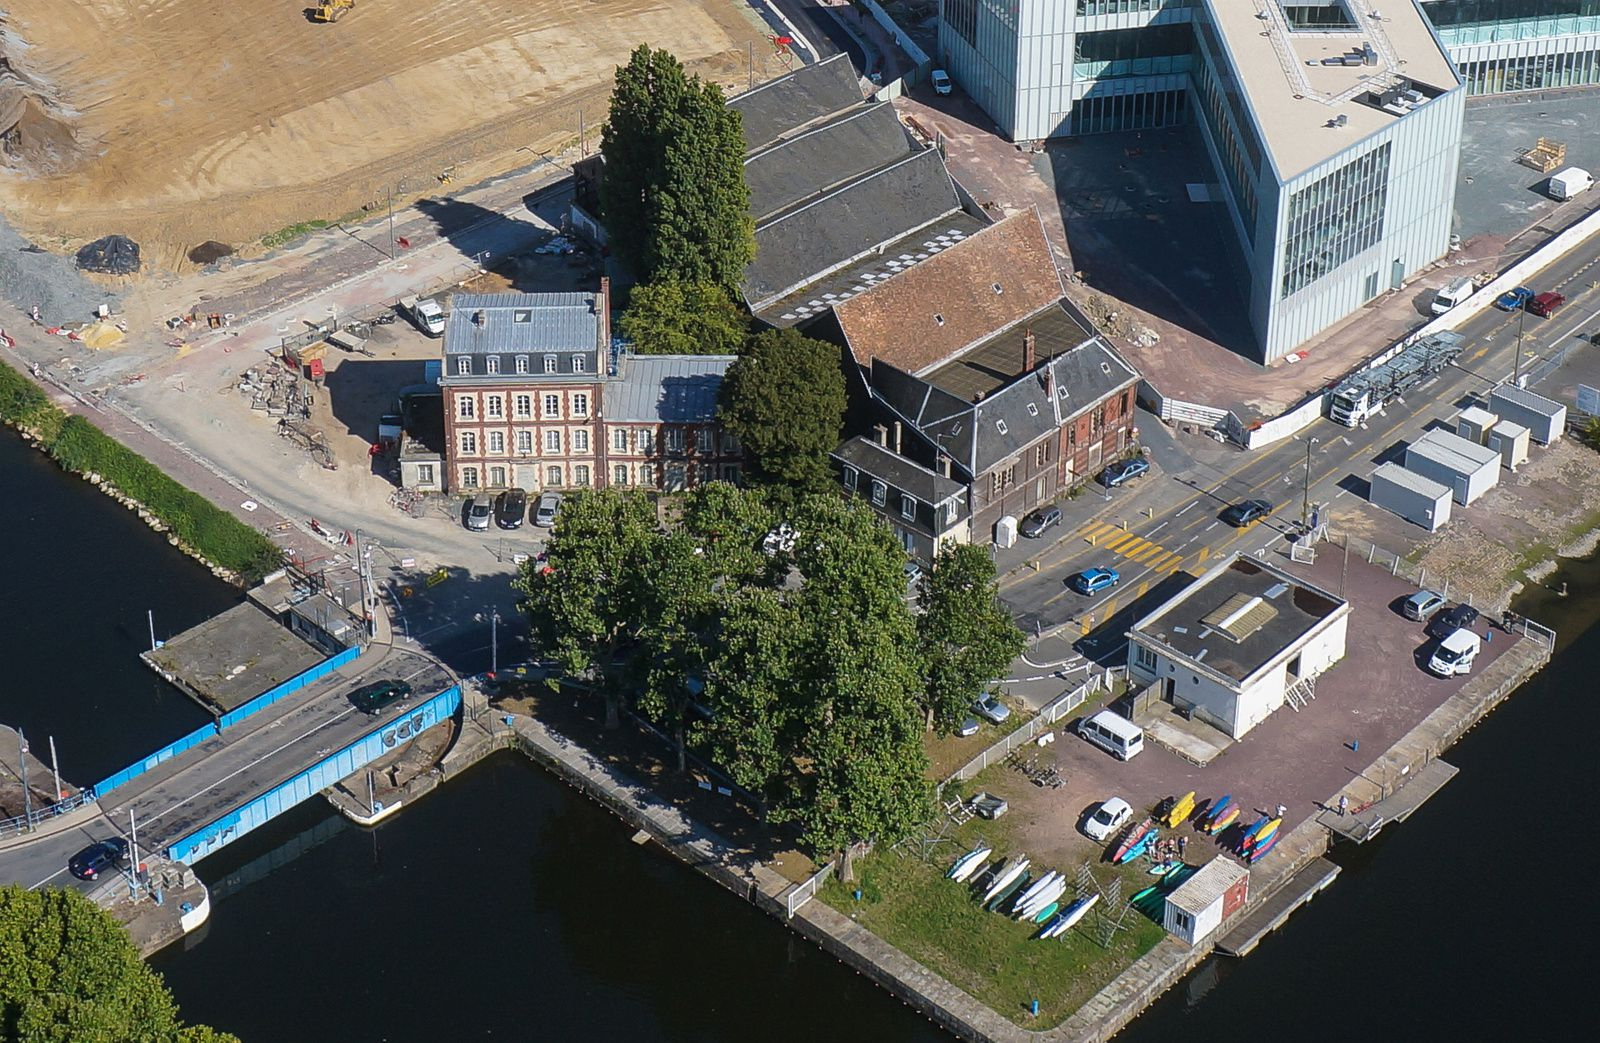 Le pavillon Savare sur le Bassin St Pierre de Caen, photographié avant et après l'incendie du 25 avril 2016. Photos aériennes François Monier.